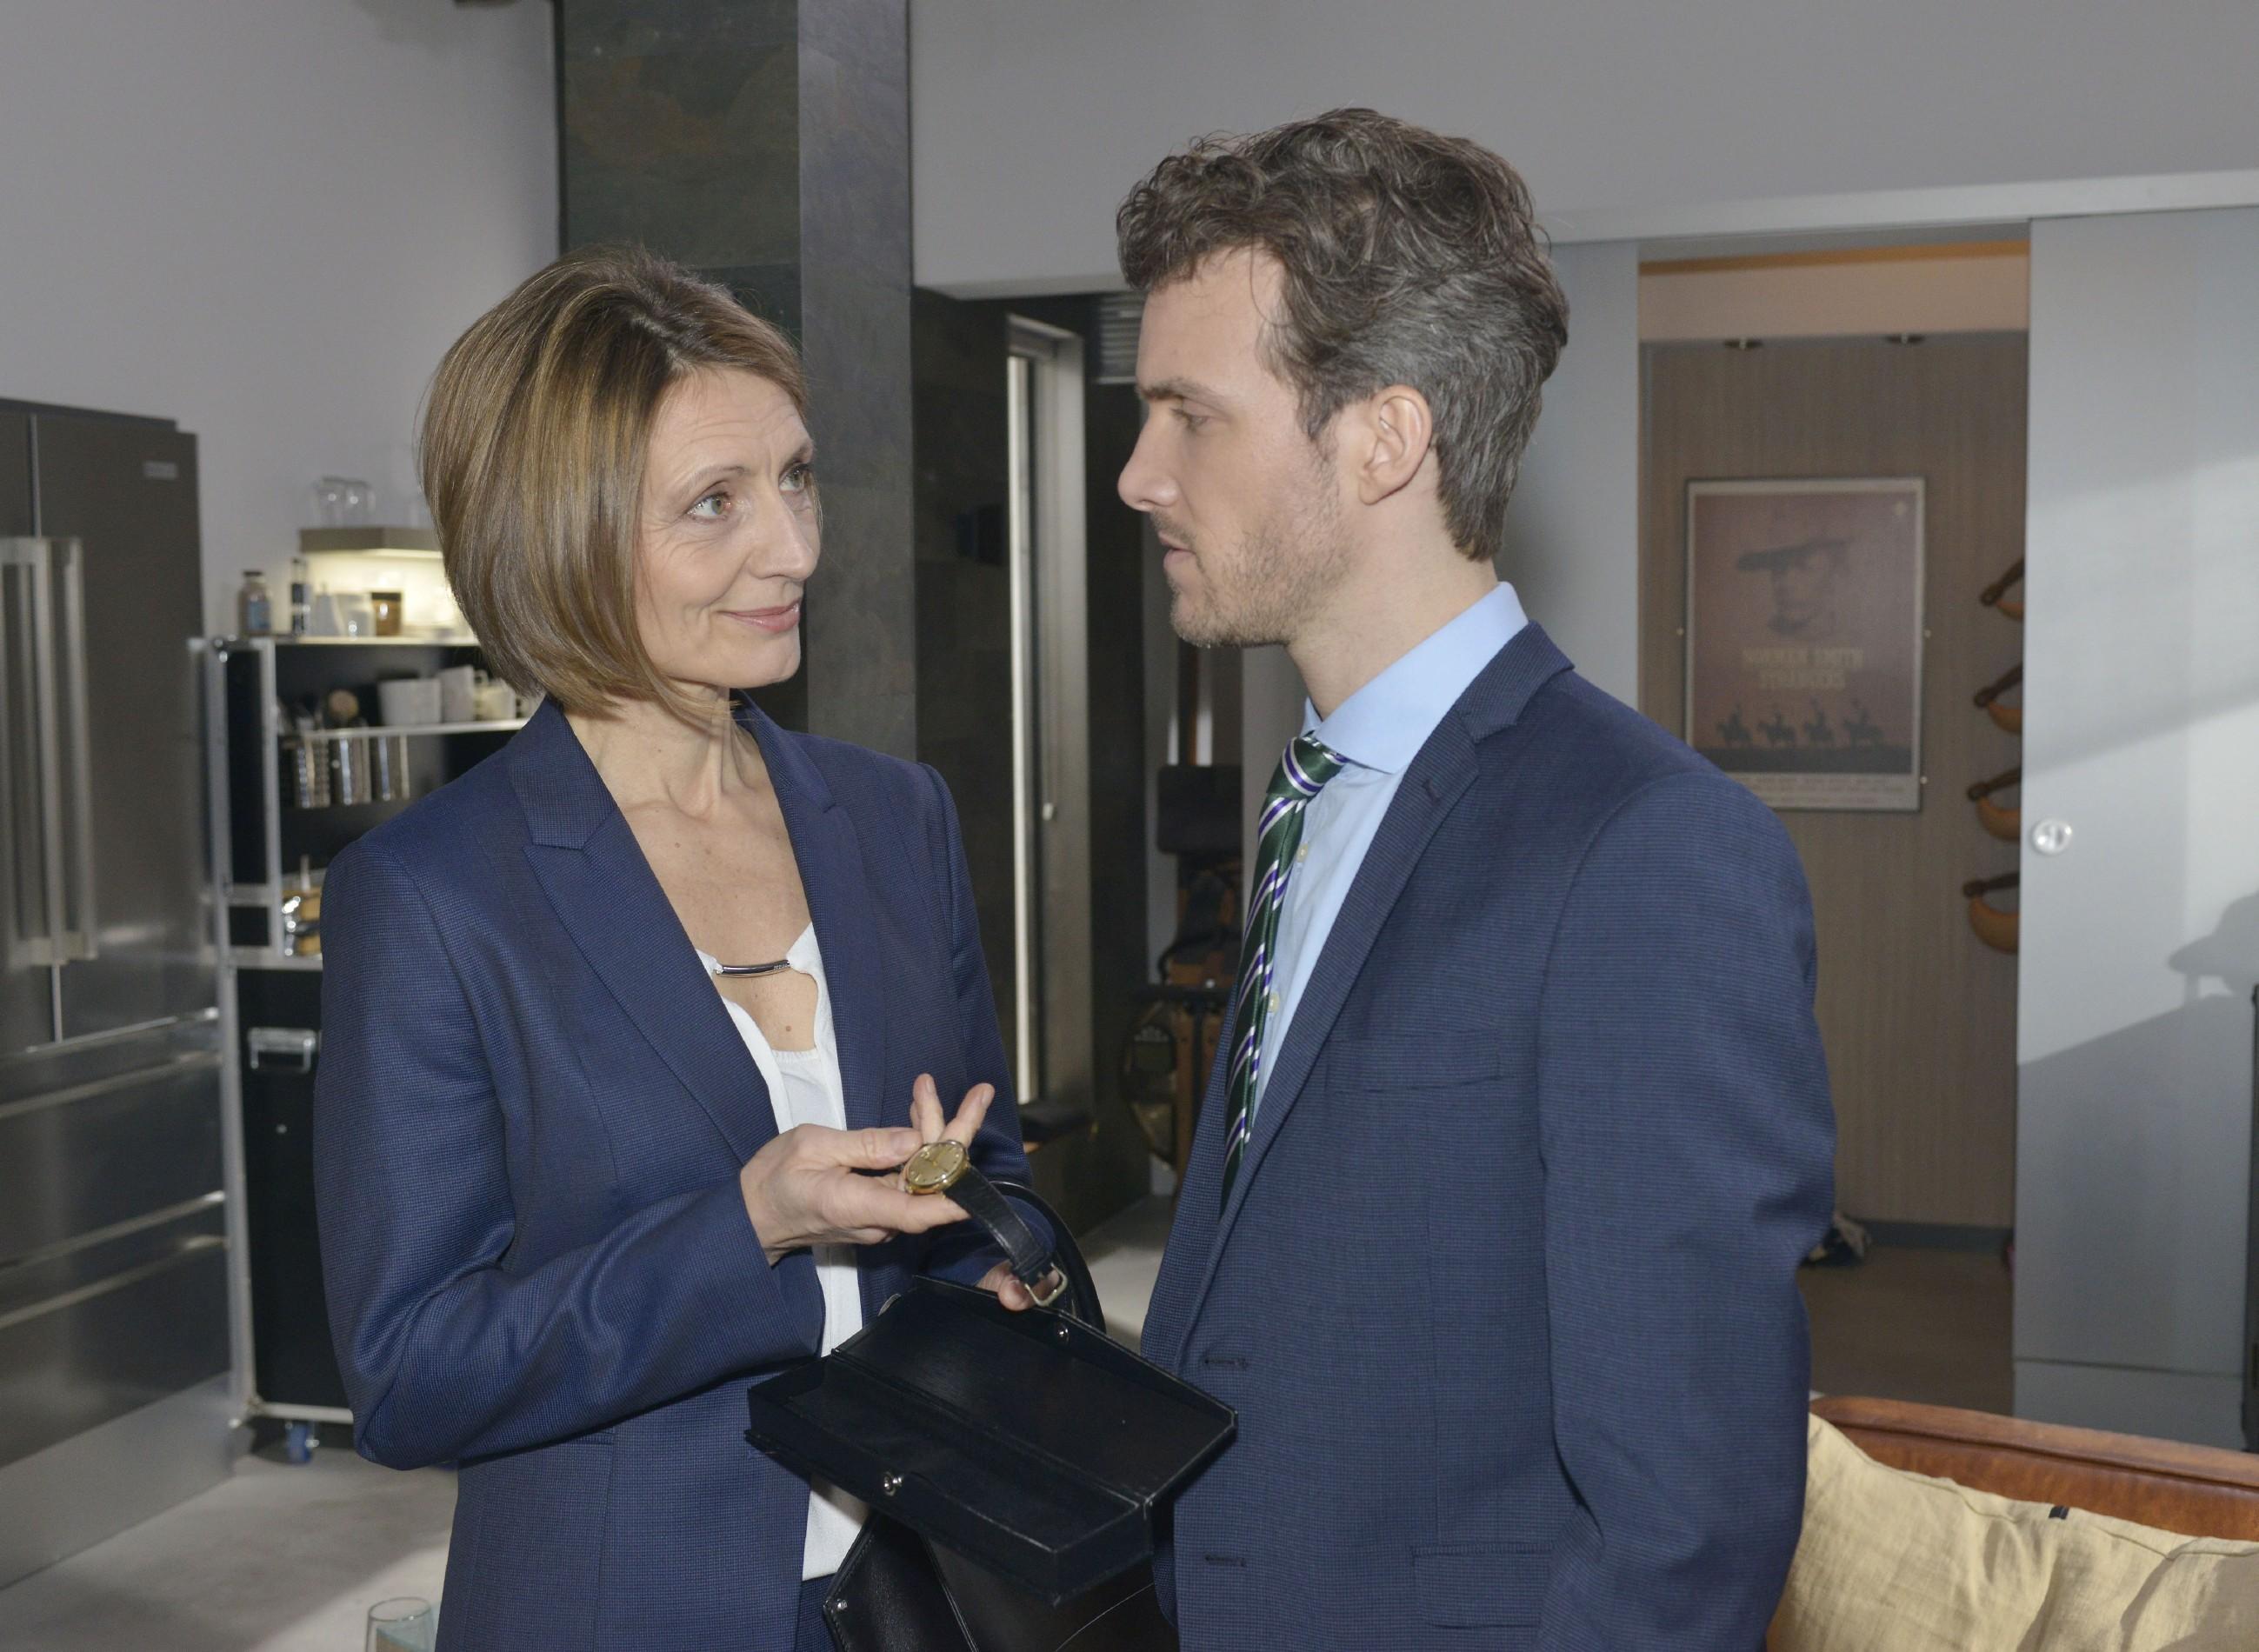 Felix (Thaddäus Meilinger) ist erleichtert, als Rosa (Joana Schümer) ihm Vertrauen entgegenbringt. (Quelle: RTL / Rolf Baumgartner)